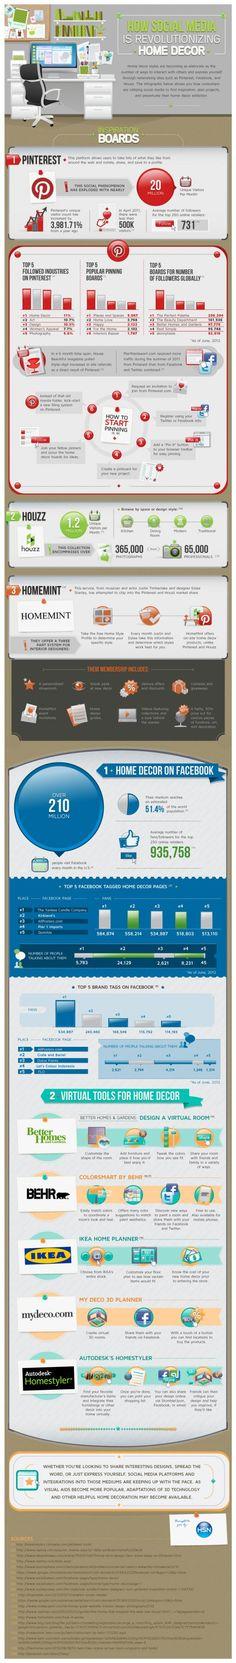 How #SocialMedia is Revolutionizing #Home Decor (via visual.ly - by hsn.com) #Infographic